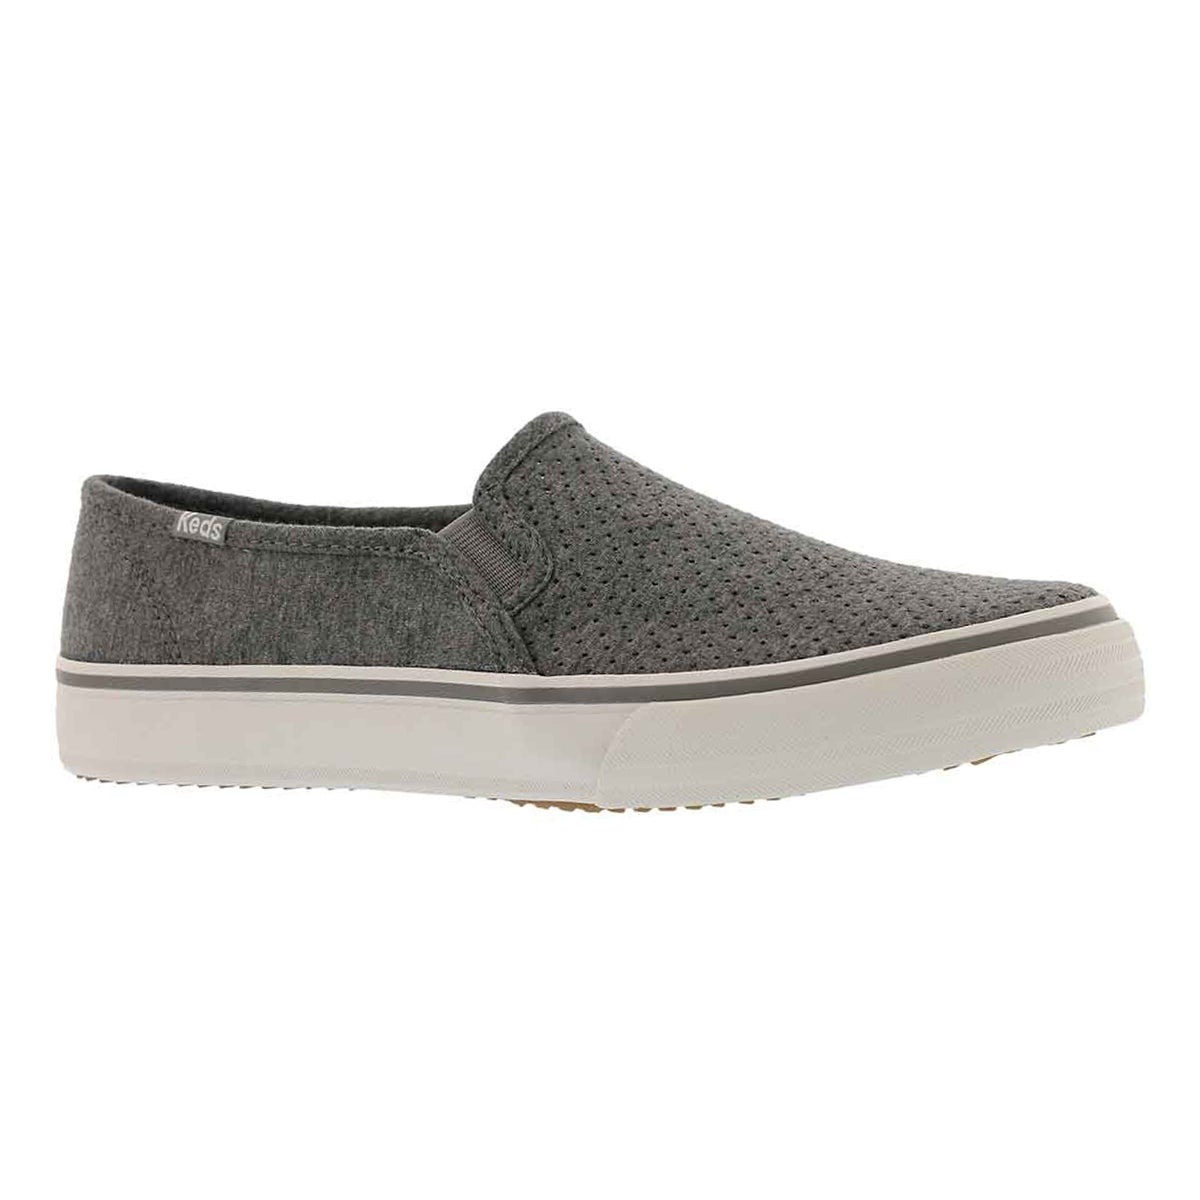 Women's DOUBLE DECKER PERF JERSEY grey sneaker